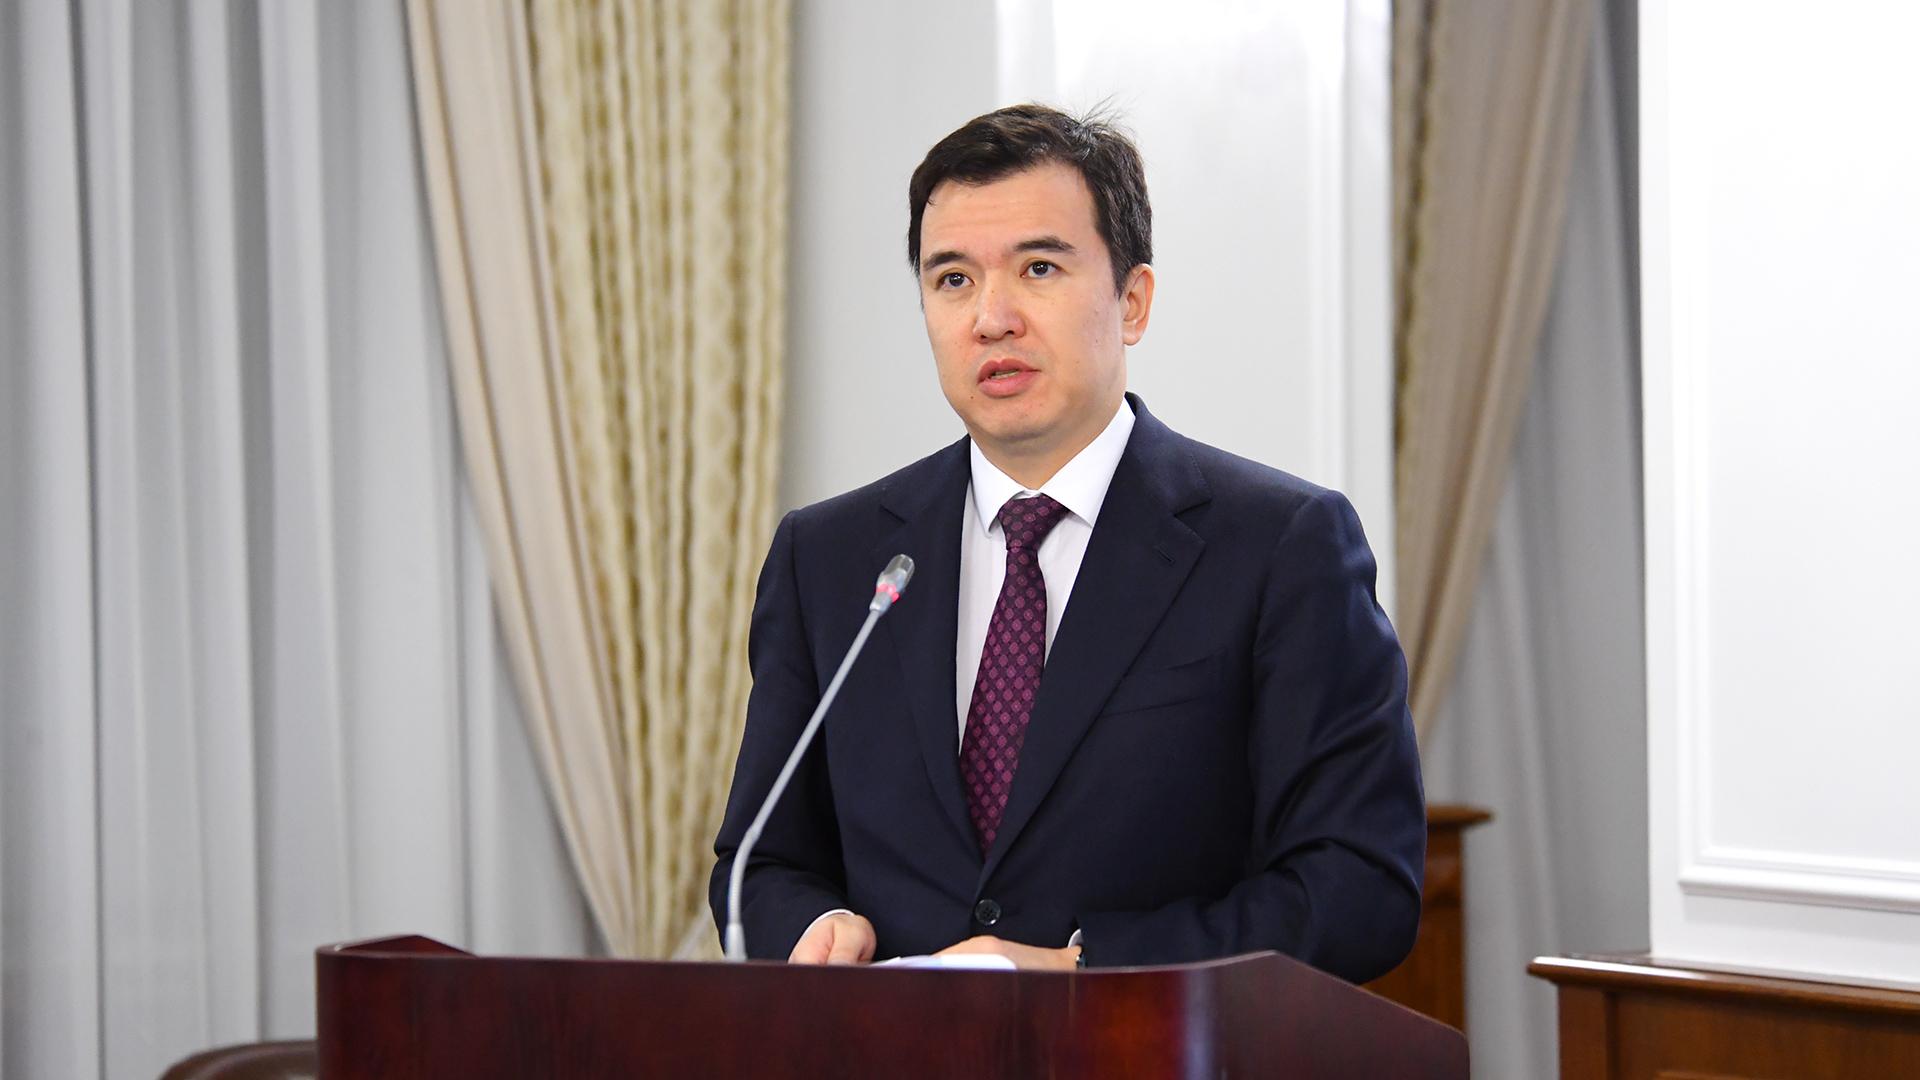 Даленов прокомментировал возможность перевода пенсионных денег в иностранную валюту